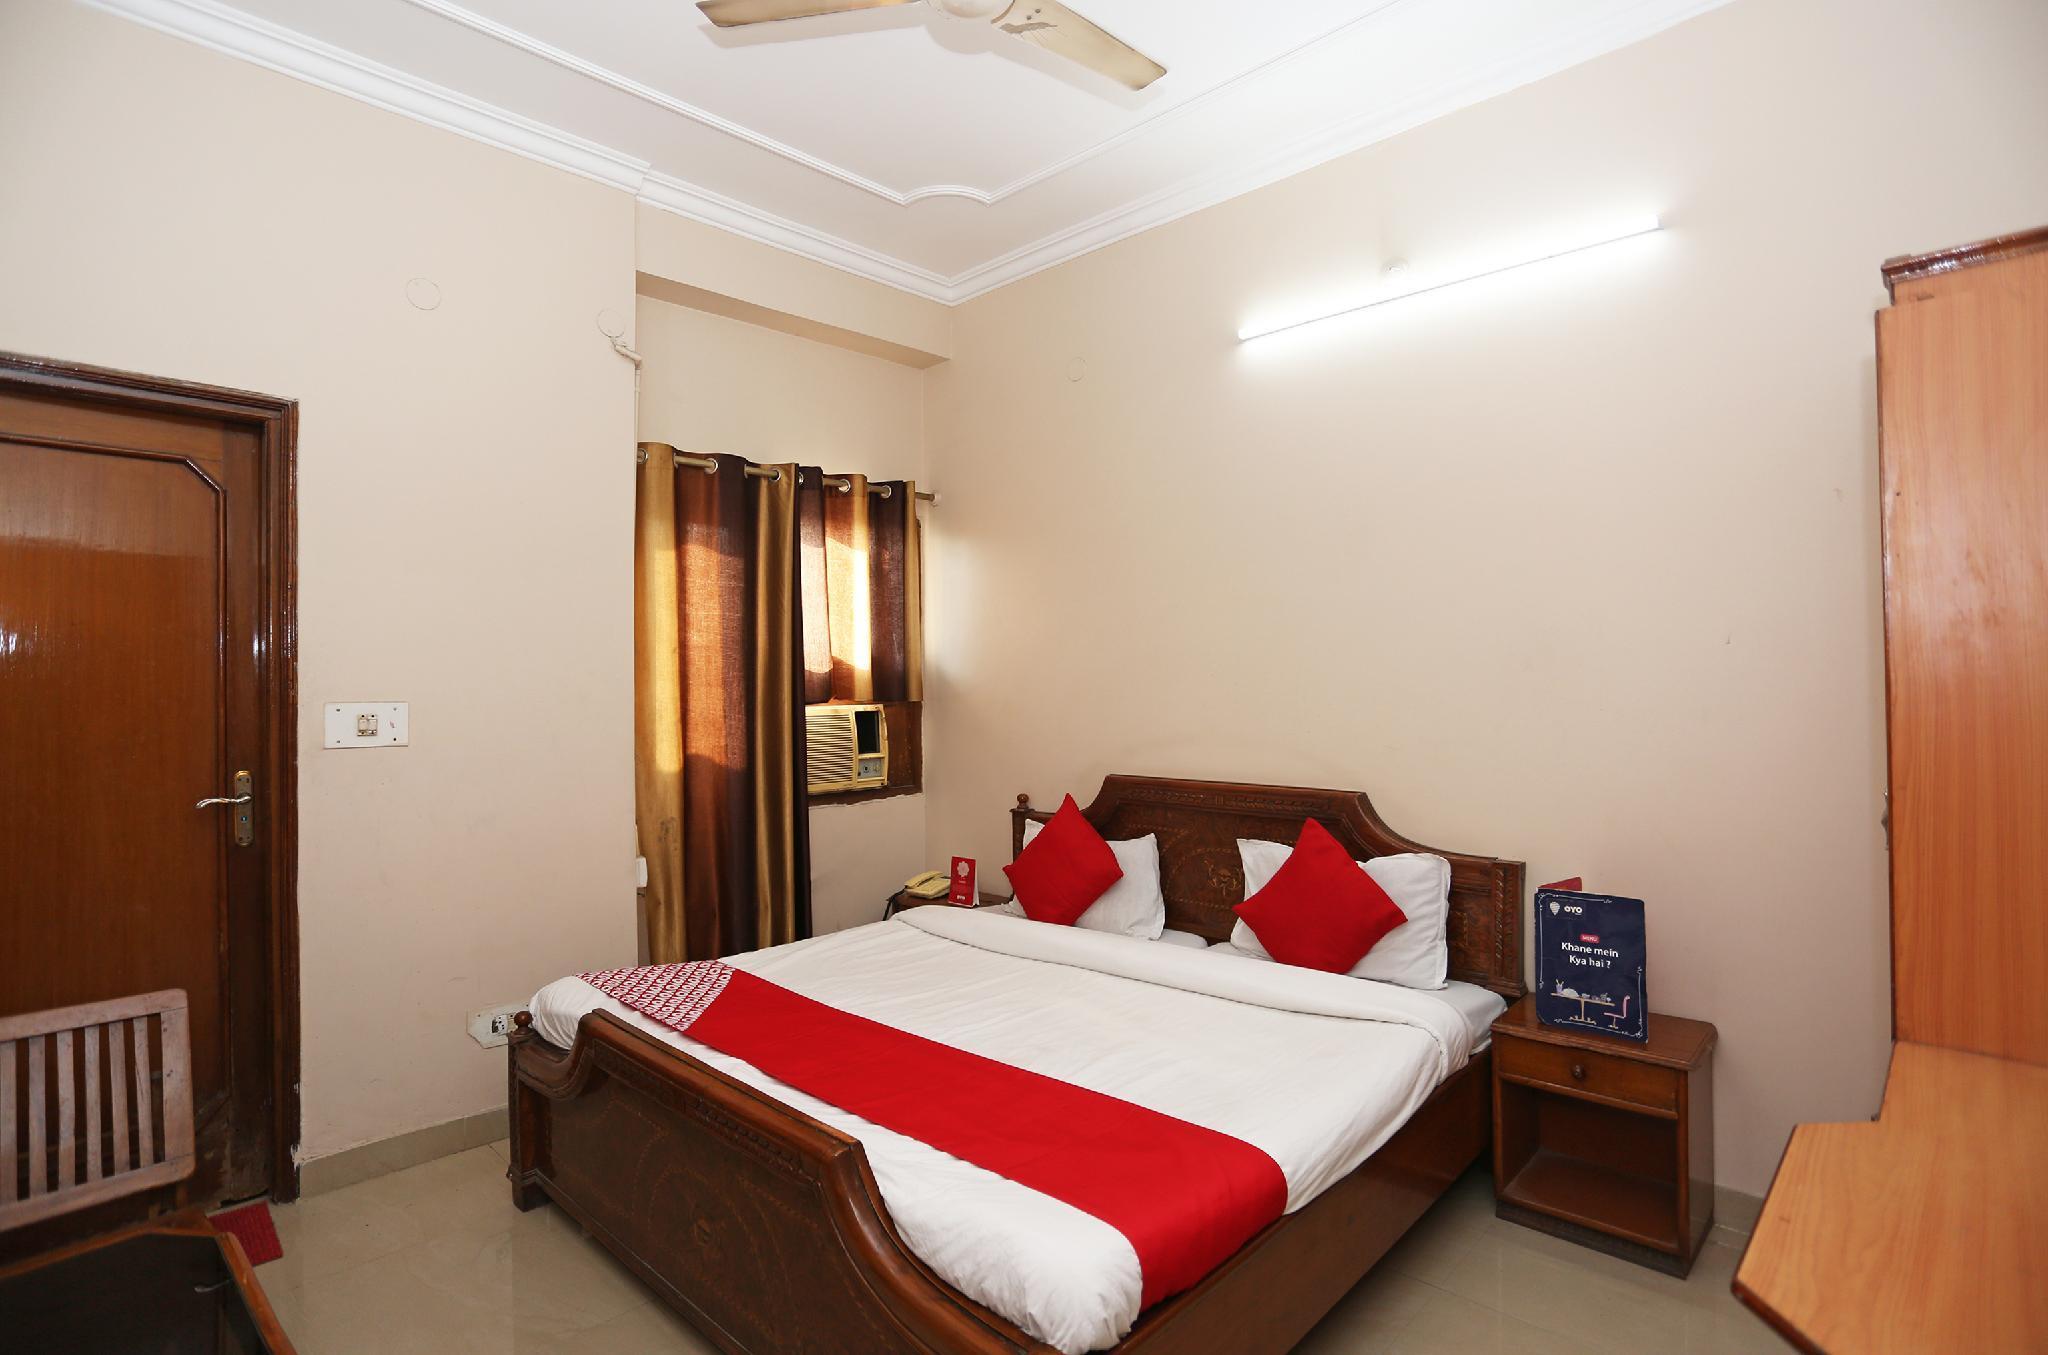 OYO 19724 Hotel Kwality, Ambala